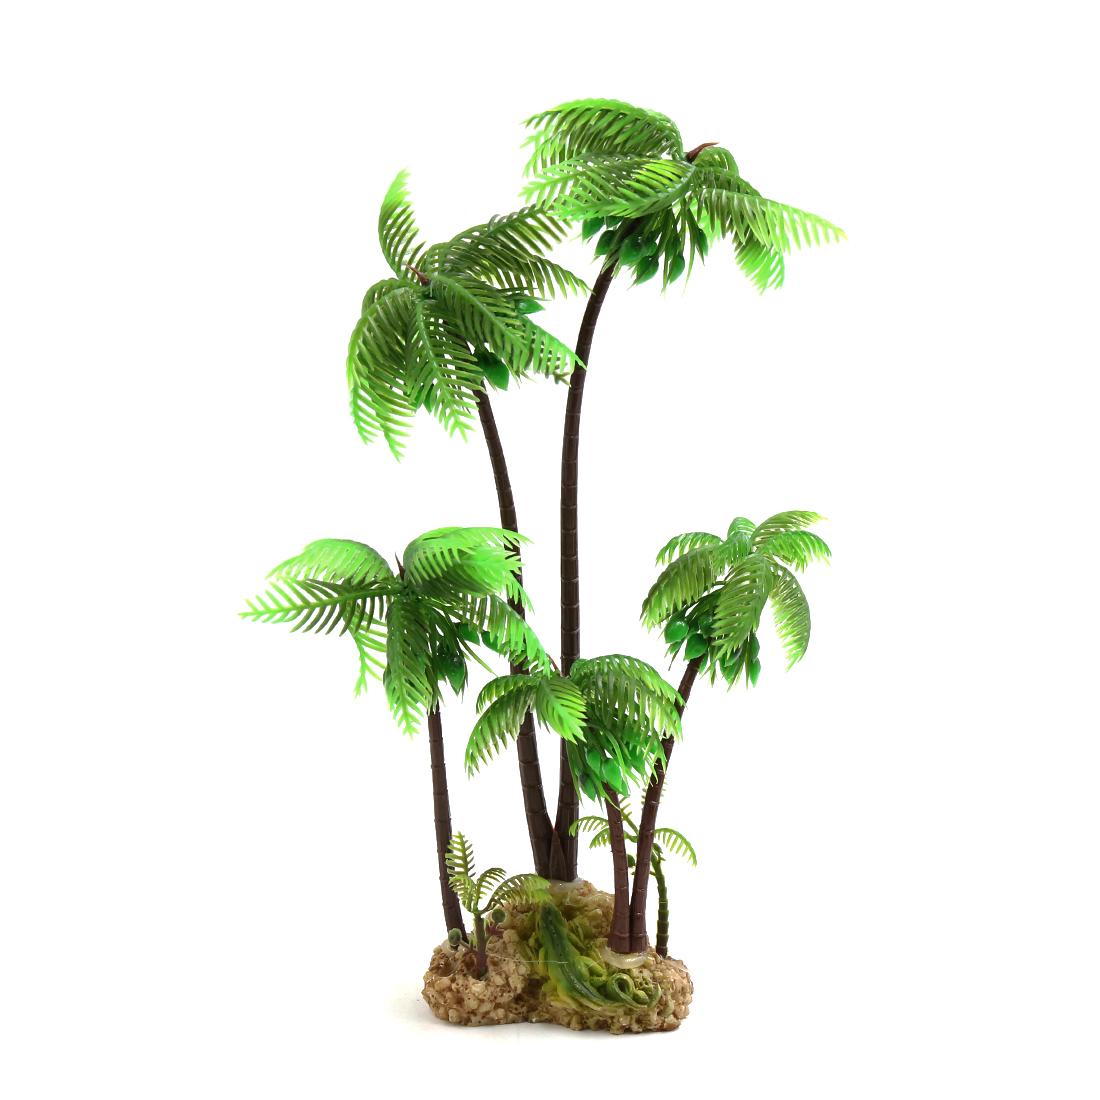 Green Plastic Coconut Tree Aquarium Terrarium Reptile Tank Landscape Plant Decor